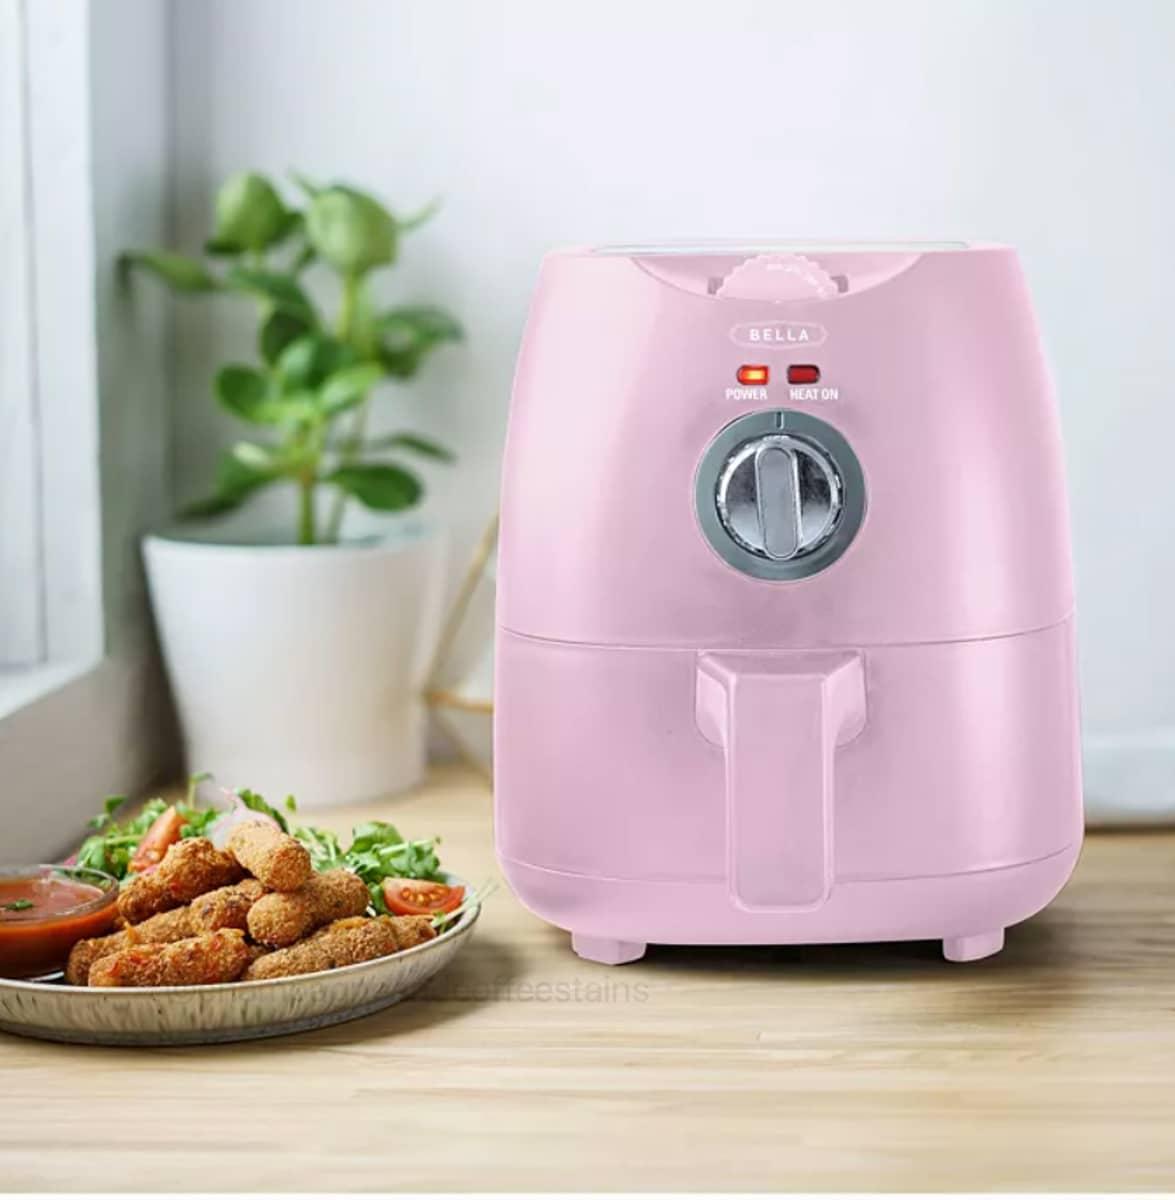 Bella 2 Quart Air Fryer